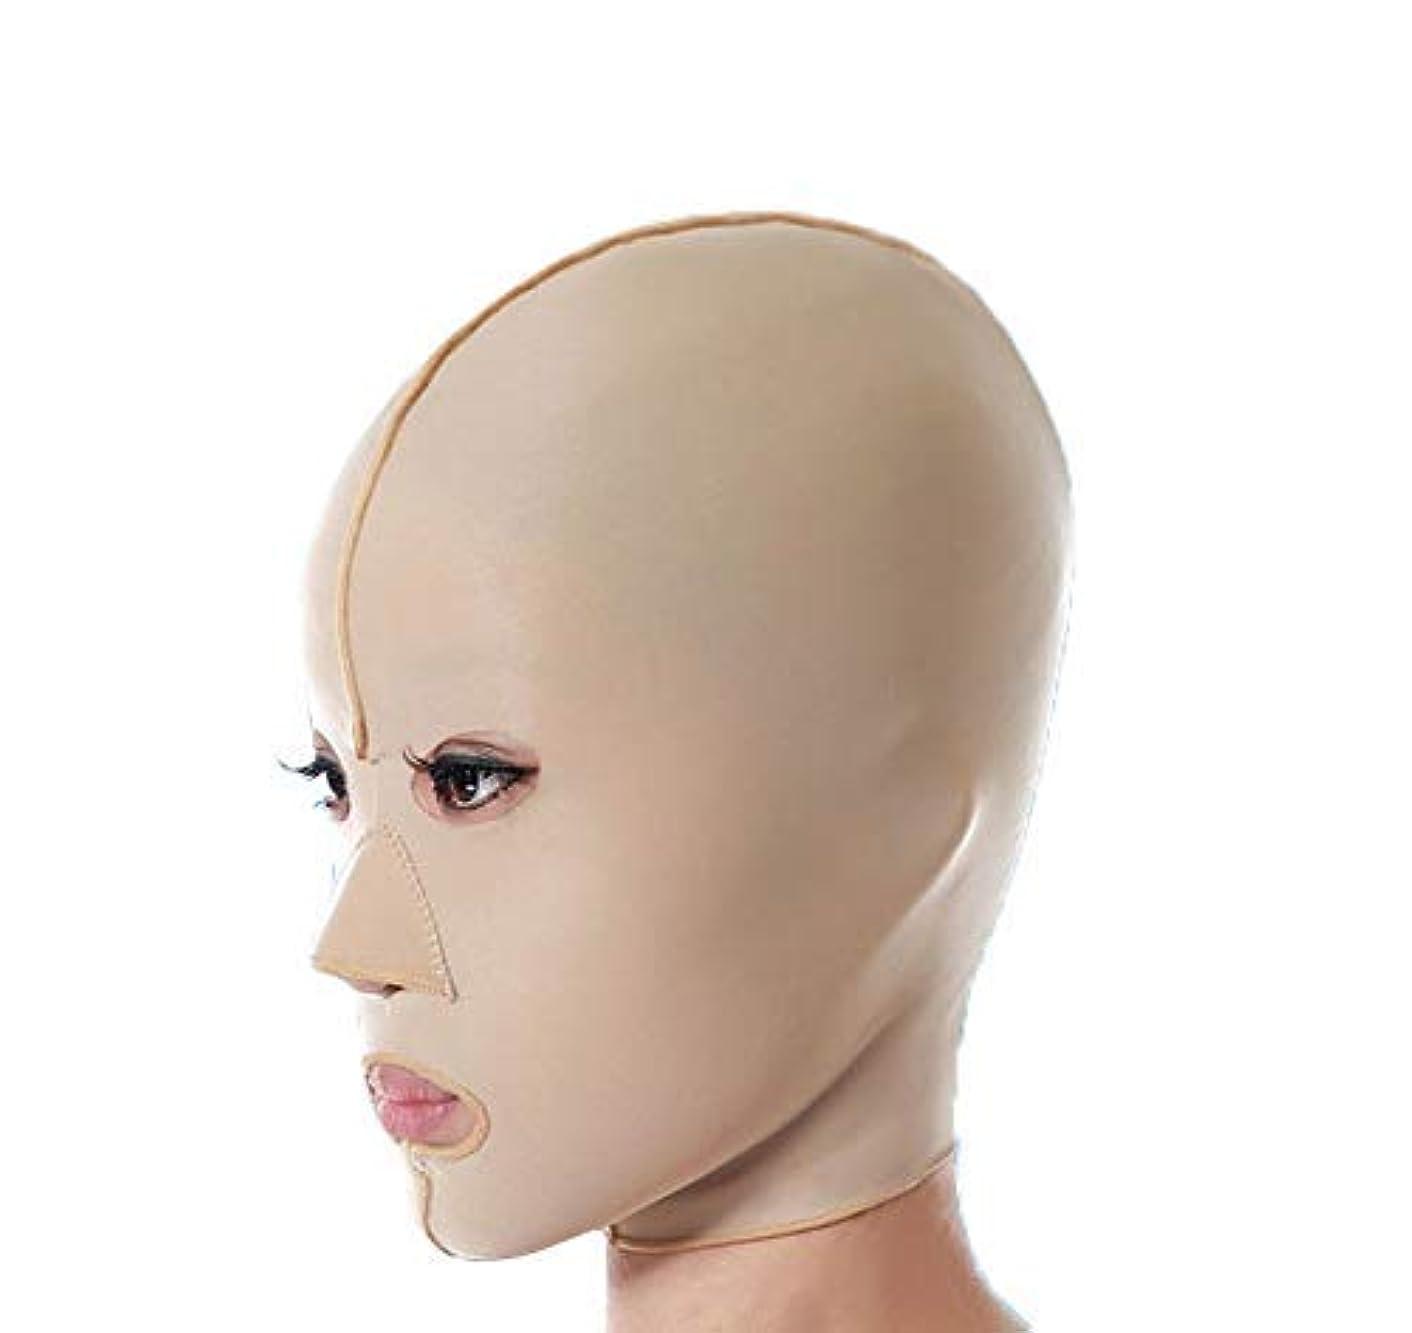 ハードウェア裏切る適合しましたファーミングフェイスマスク、フェイシャルマスク医学強力なフェイスマスクアーティファクト美容垂れ防止法パターンフェイシャルリフティングファーミングフルフェイスマスク(サイズ:M),M